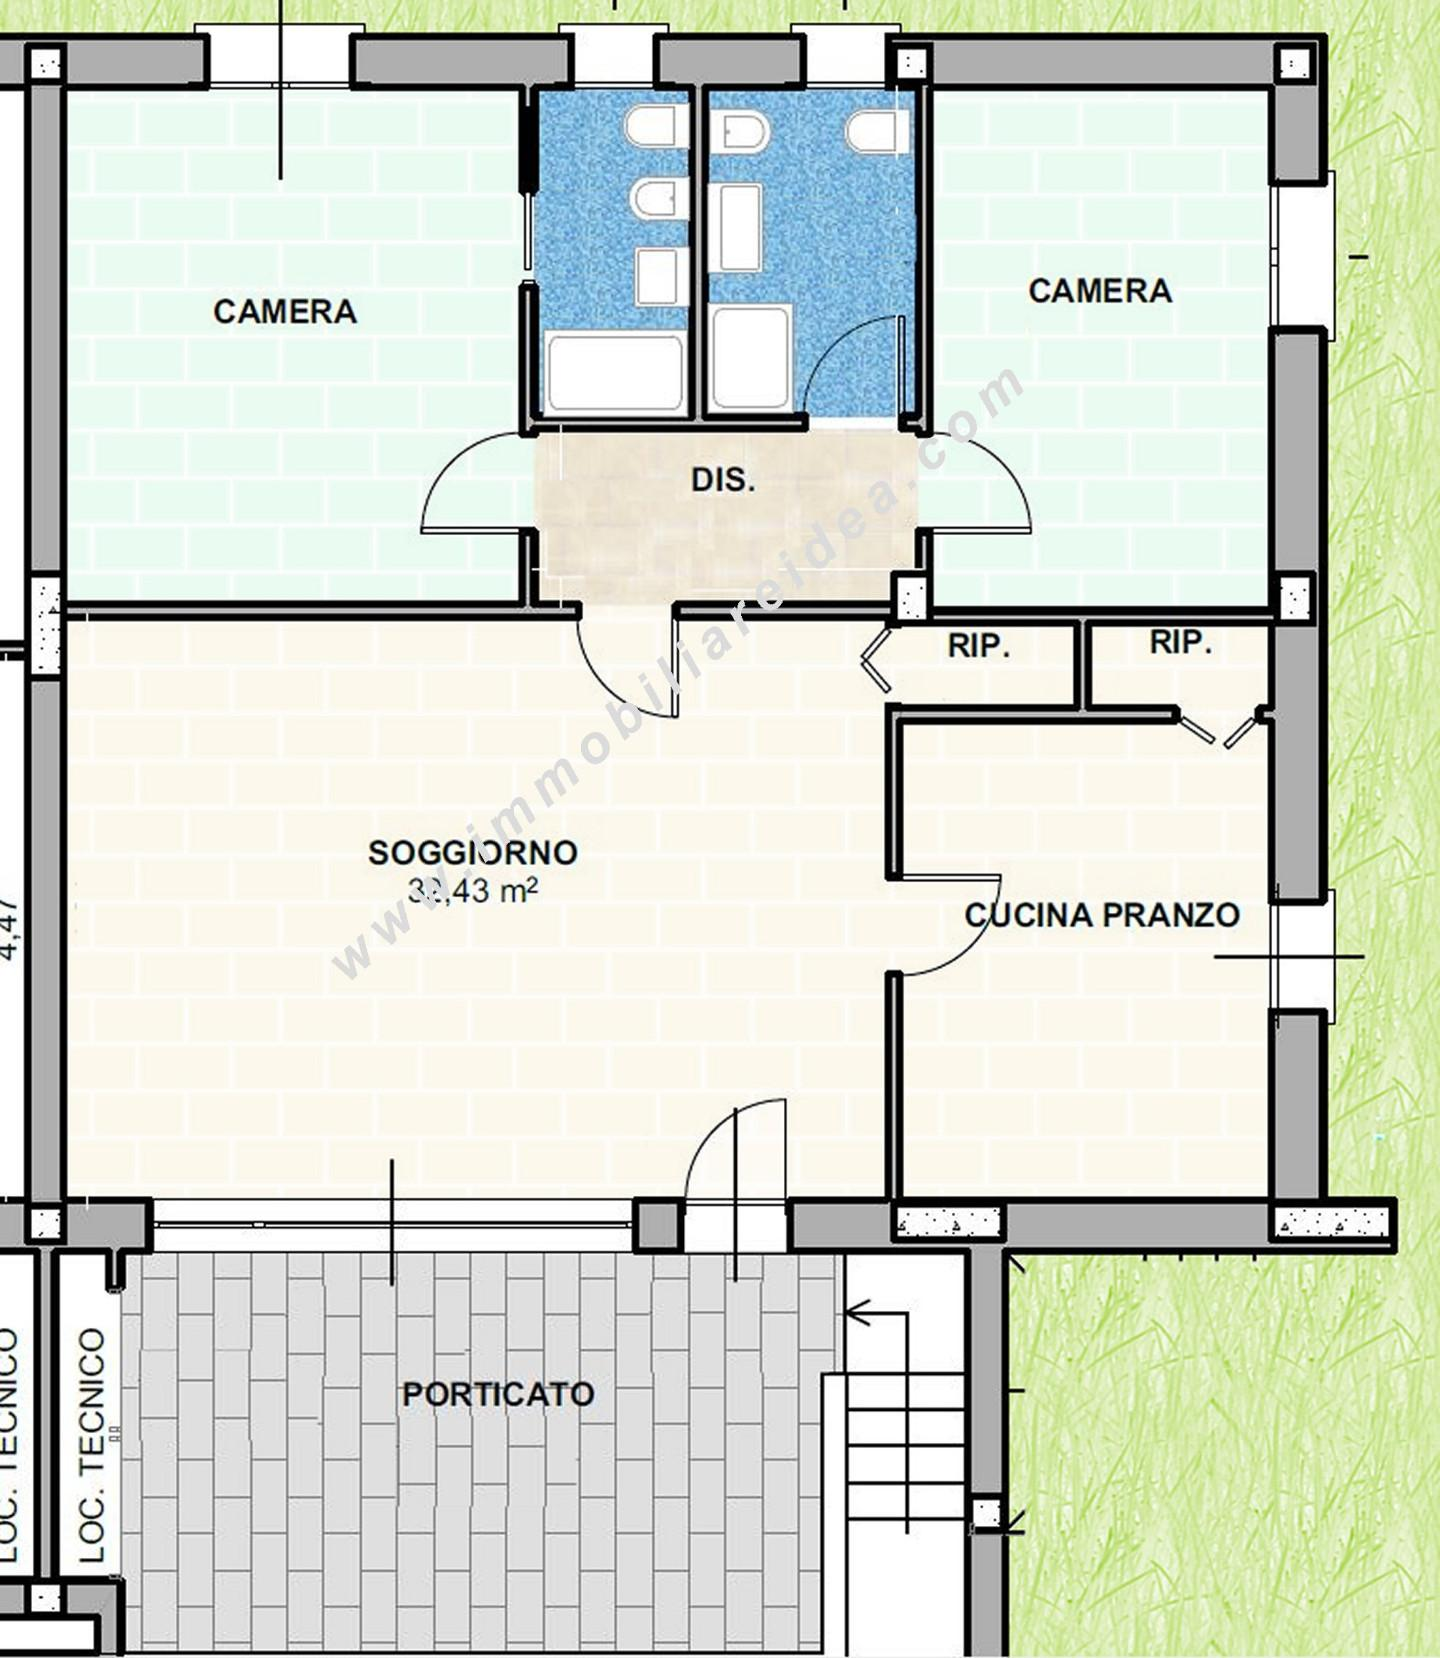 Casa semindipendente in vendita, rif. 991